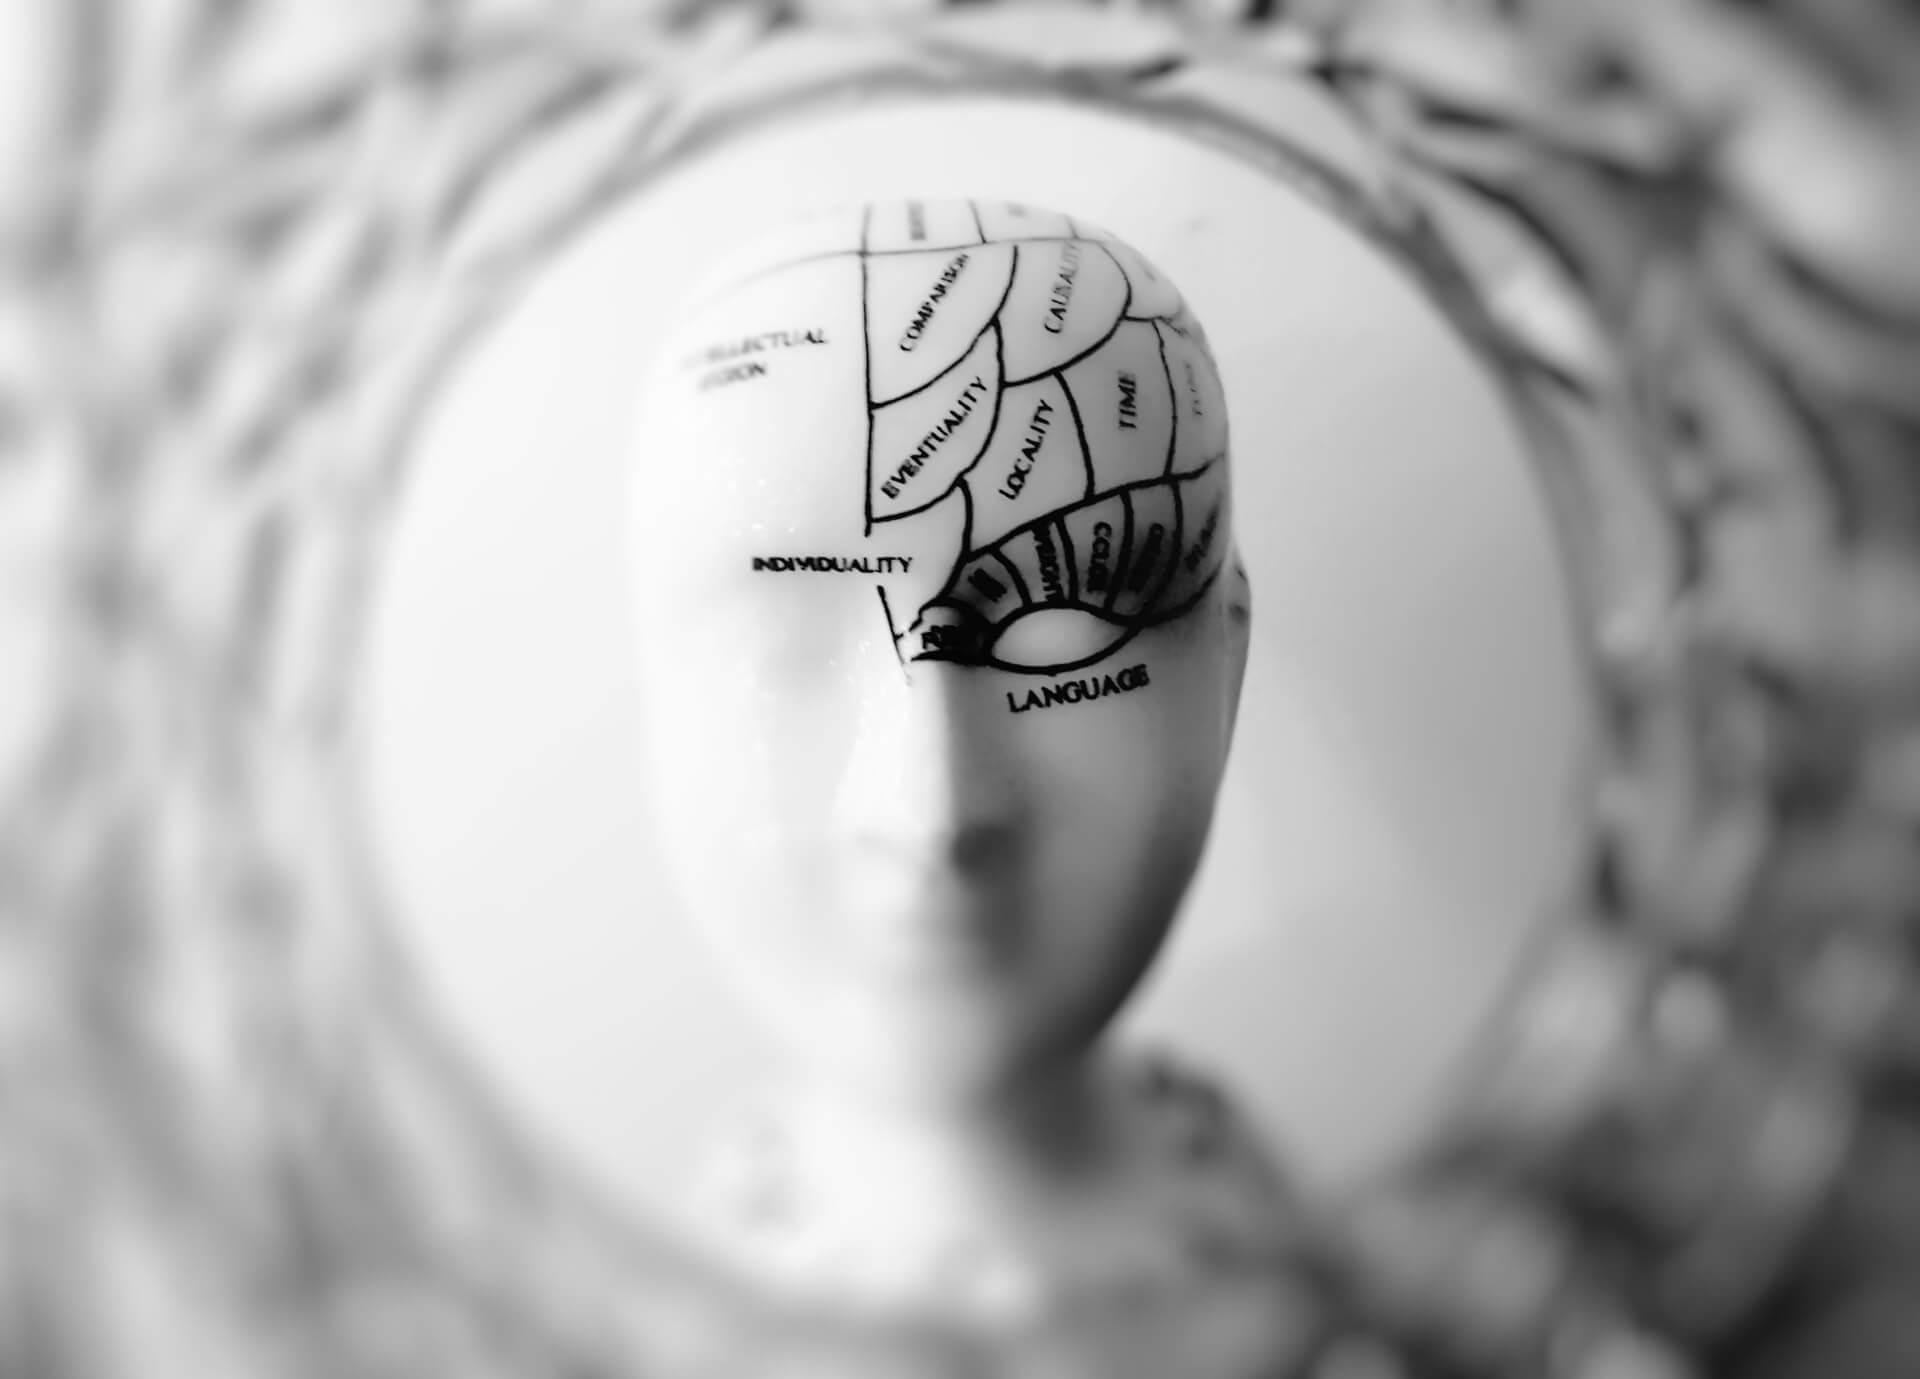 biologien bag det introverte temperament